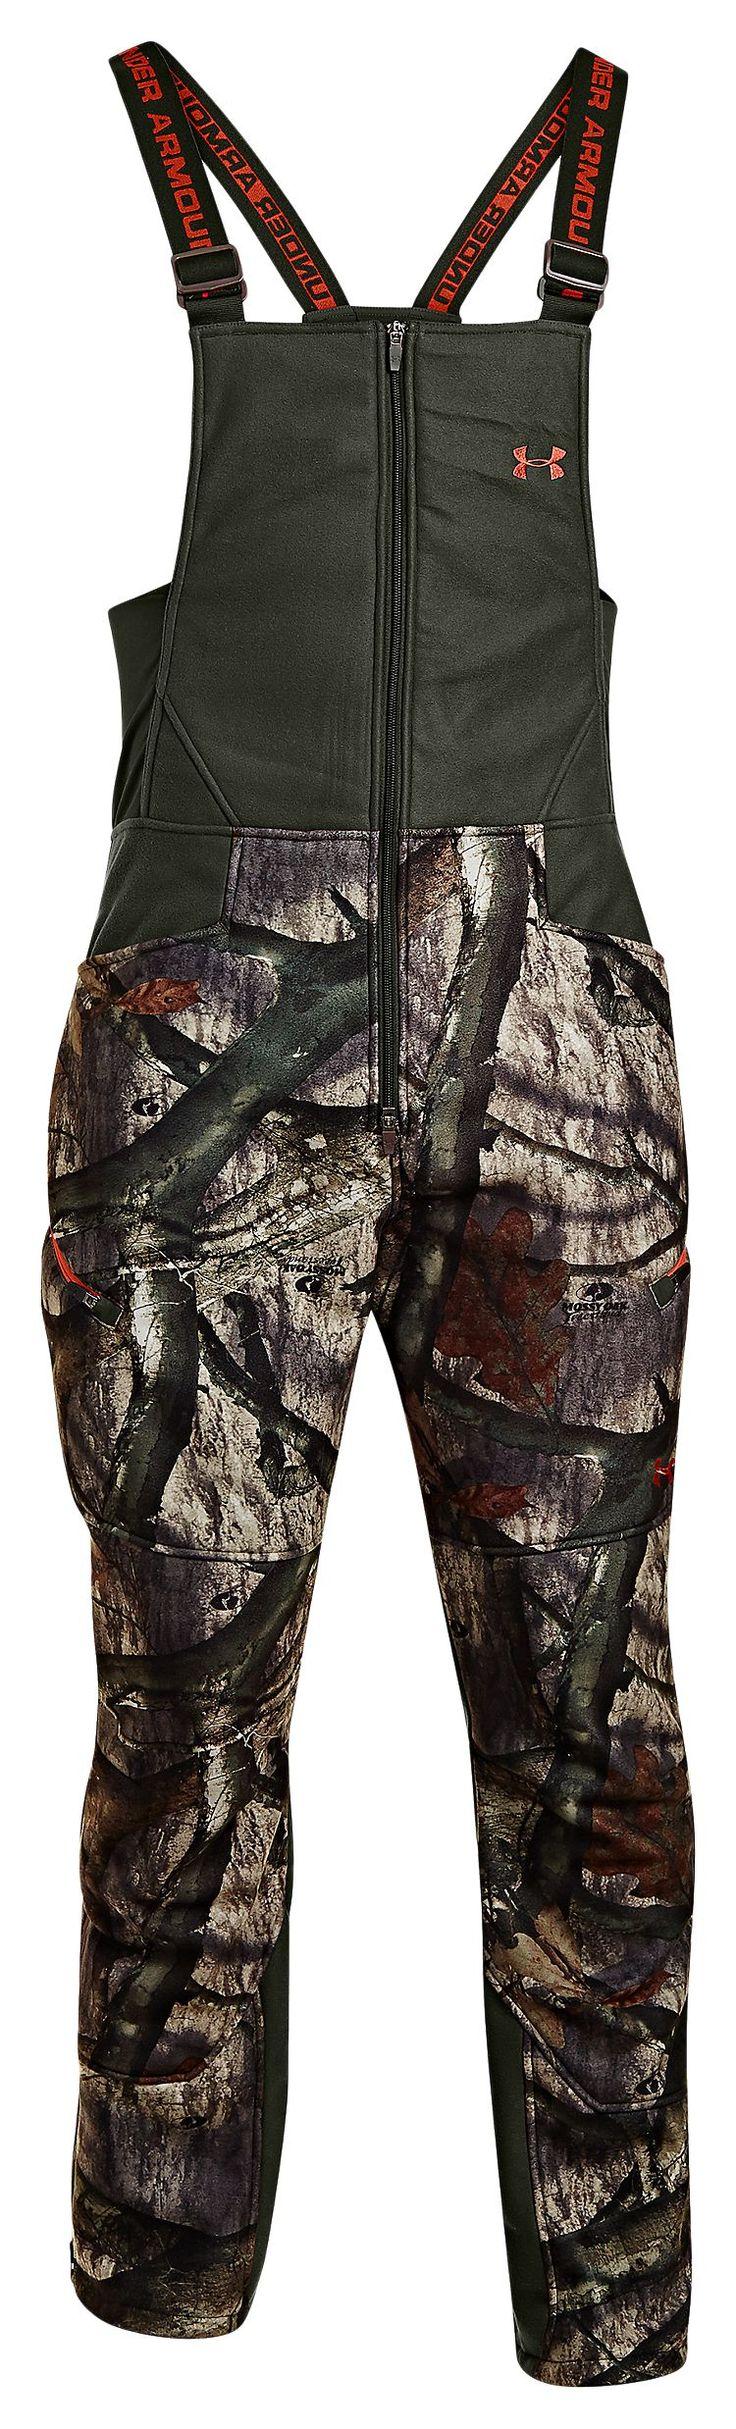 Under Armour® ColdGear® Ayton Camo Bibs for Men | Bass Pro Shops. Size Large